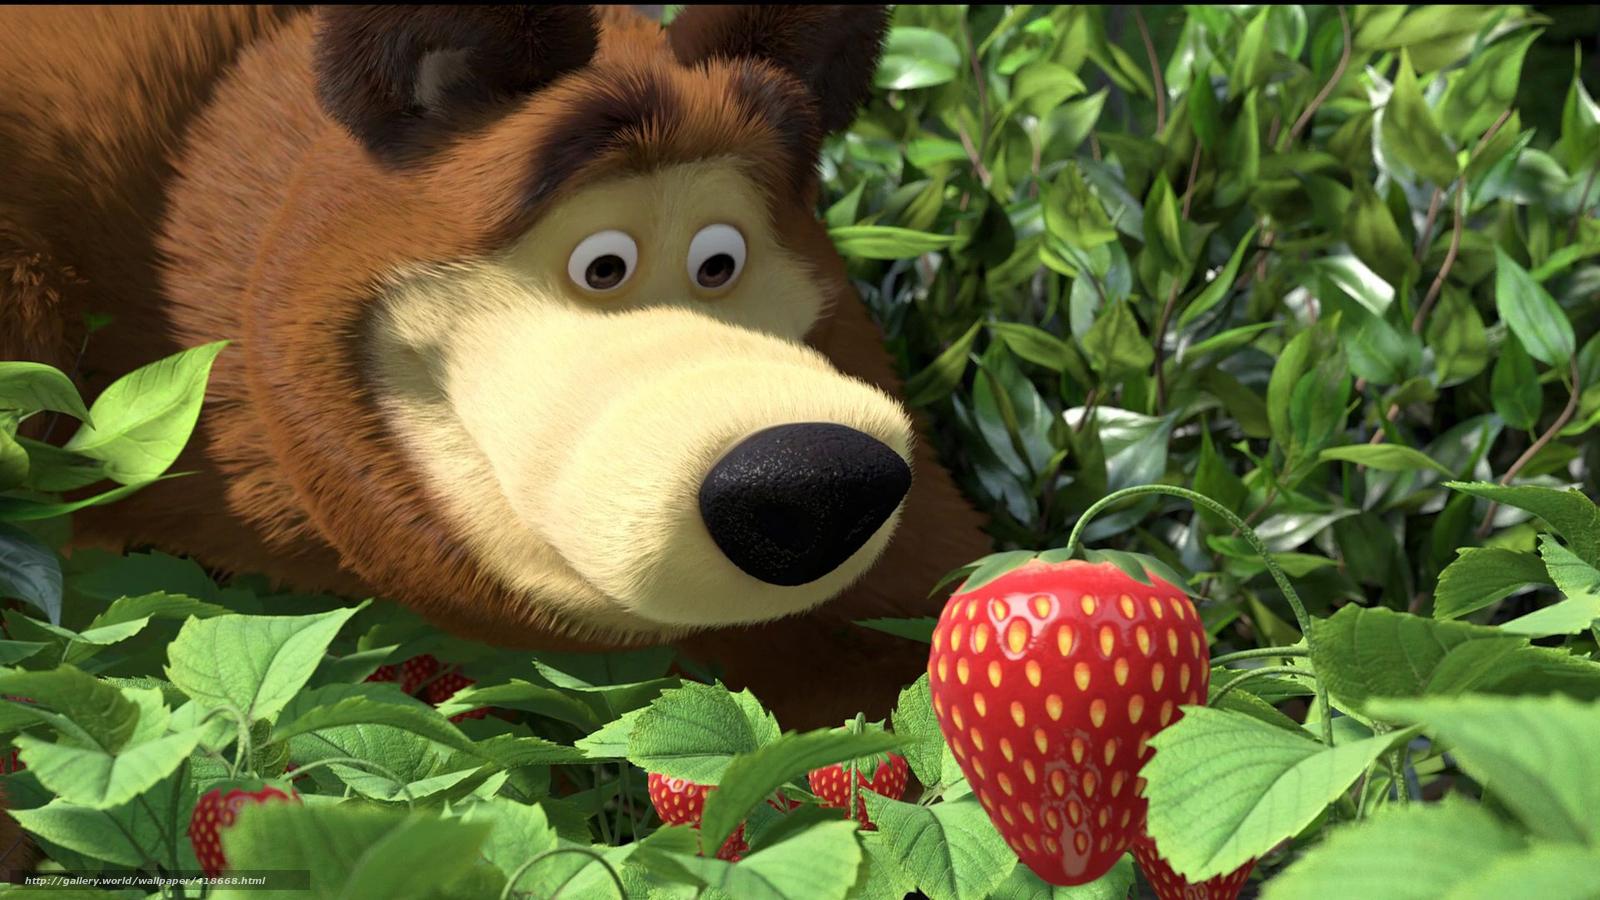 Scaricare gli sfondi masha e l orso cartone animato